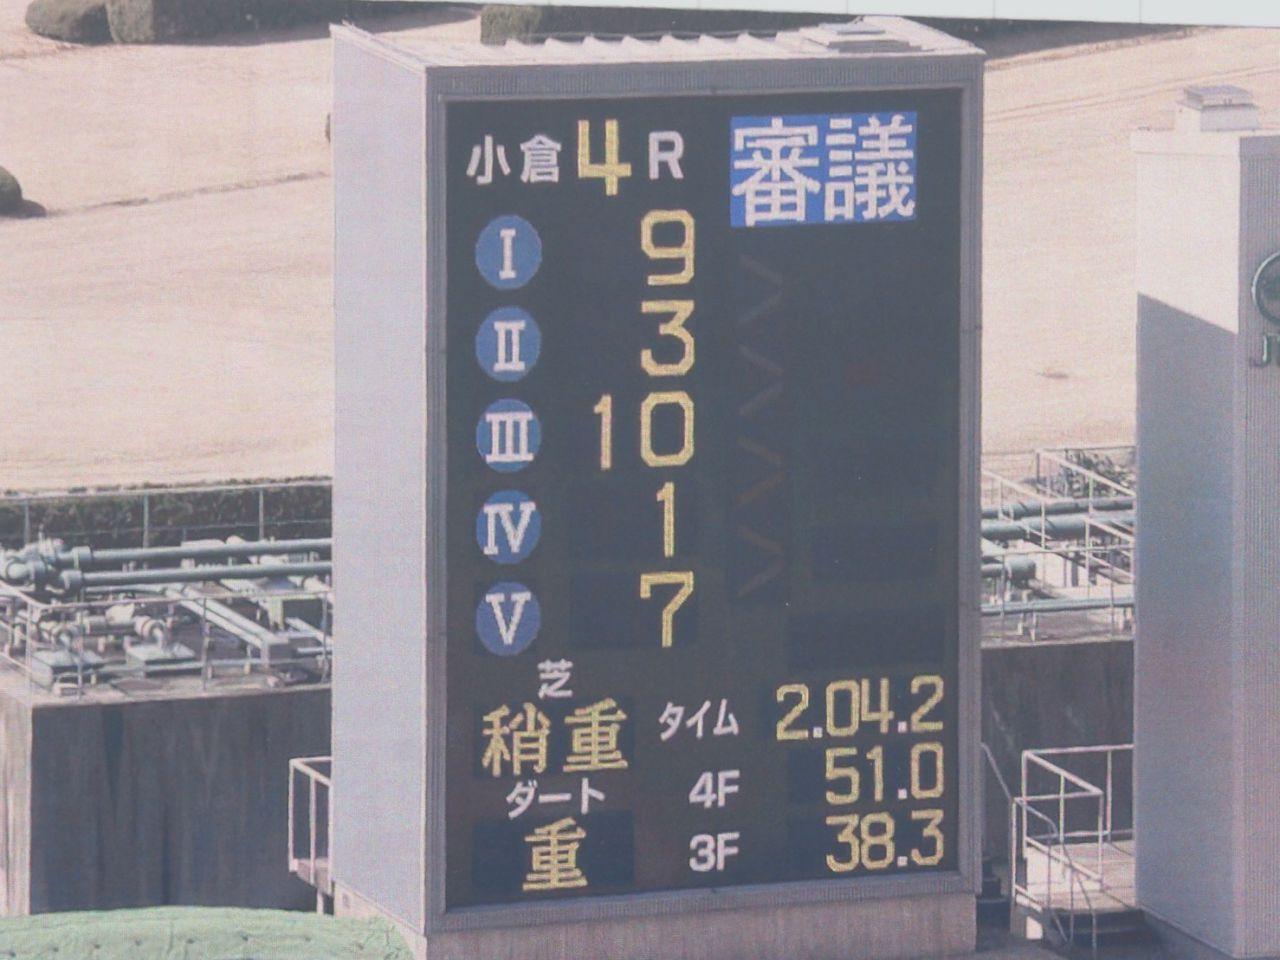 【小倉4R】ソツナサが繰り上がりでV!マイネルポインターが降着